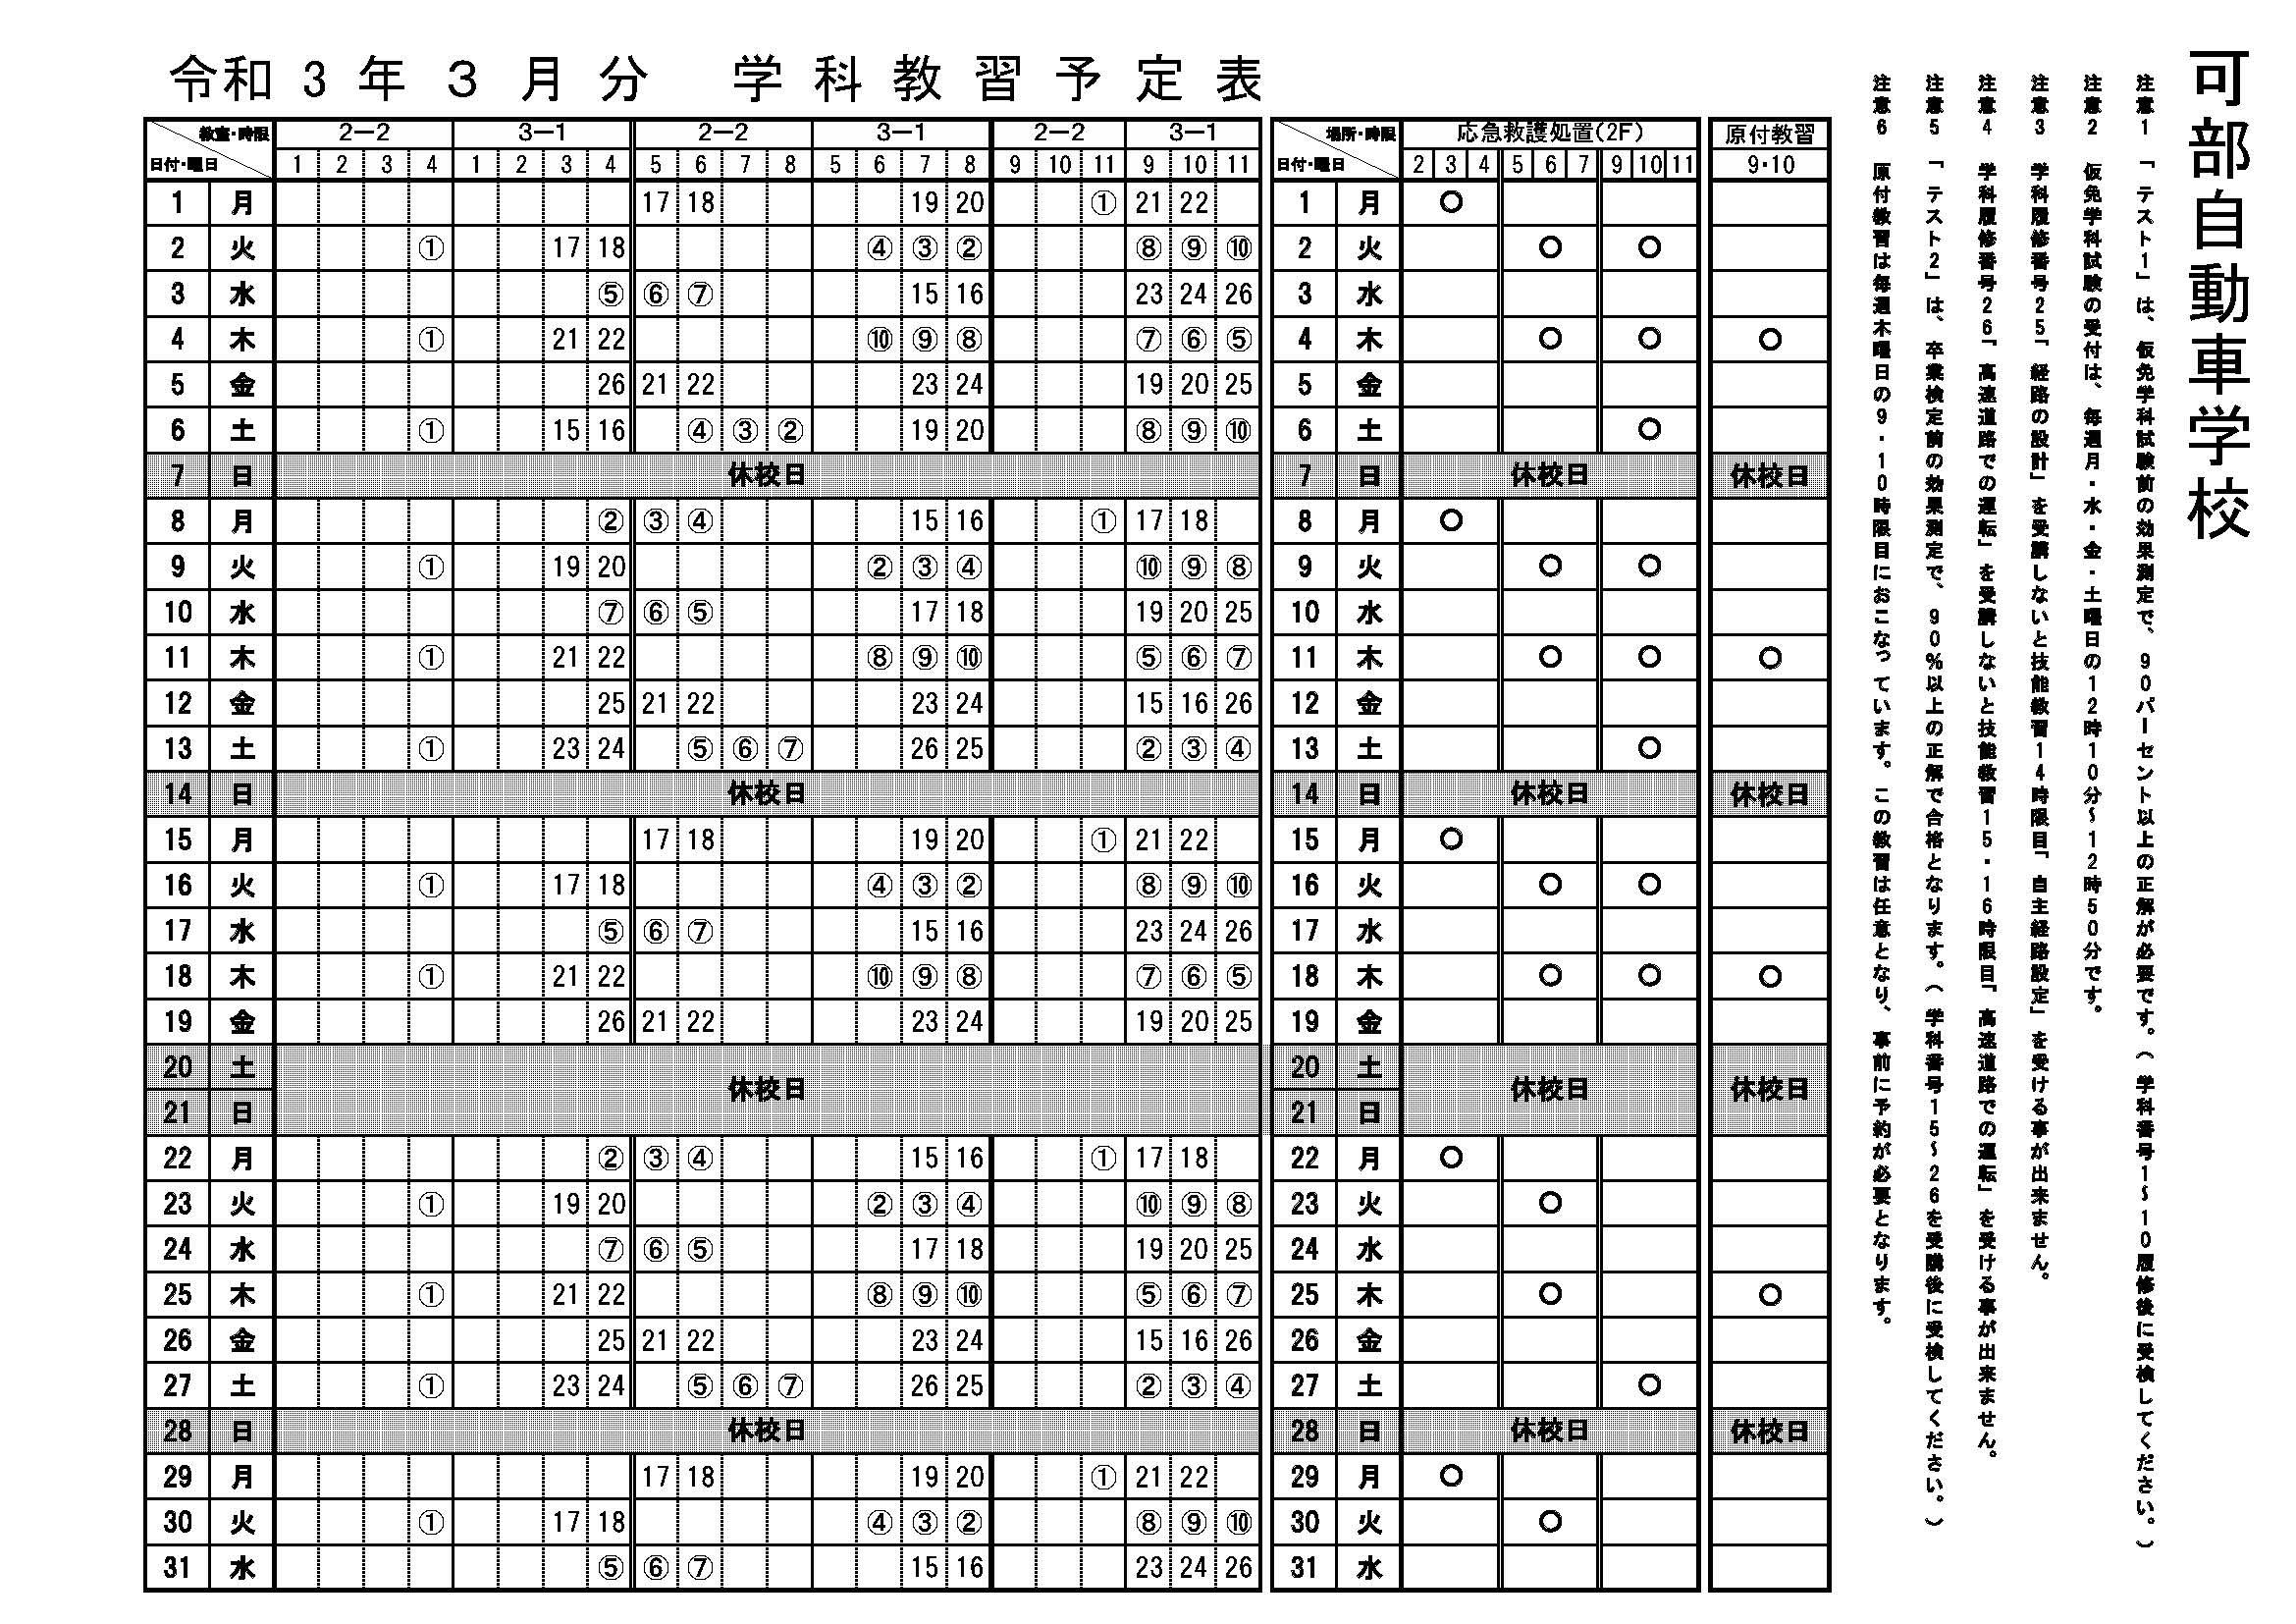 令和3年3月分 学科教習予定表